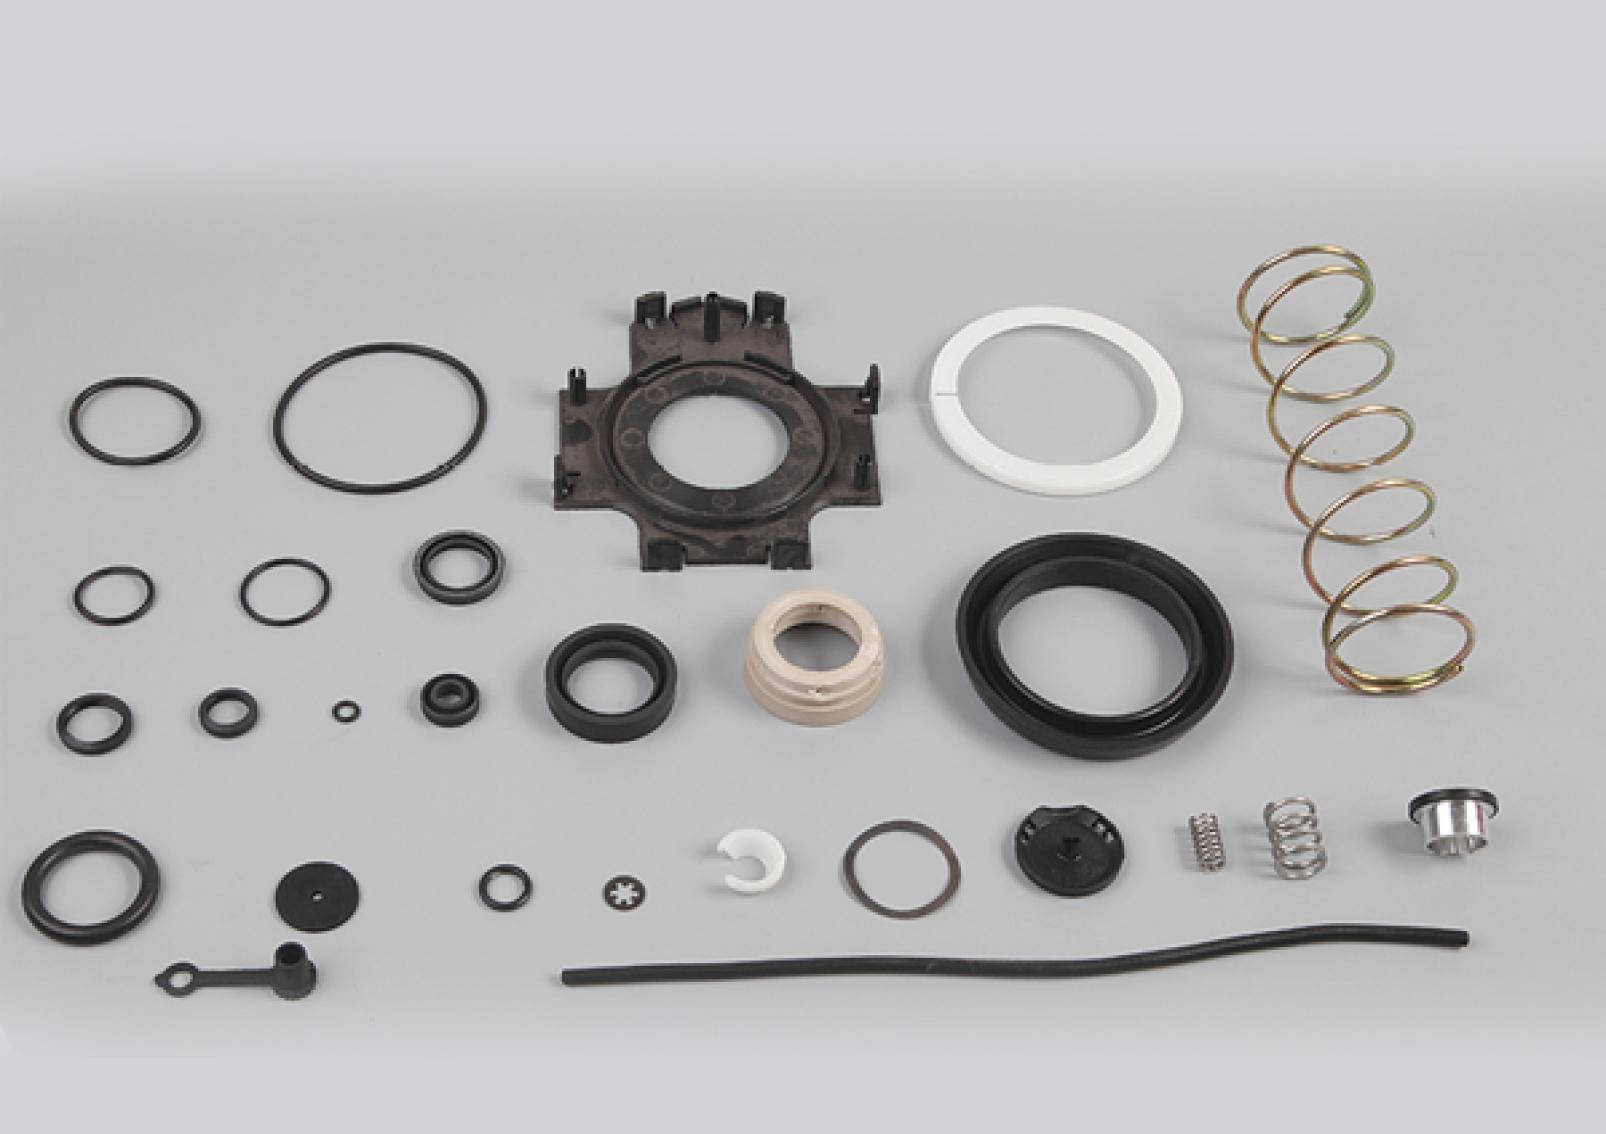 Clutch Servo Repair Kit for Daf, Man TGA Man TGL, Man TGM, 970 051 977 2 (Mineral Oil, Pentosin)